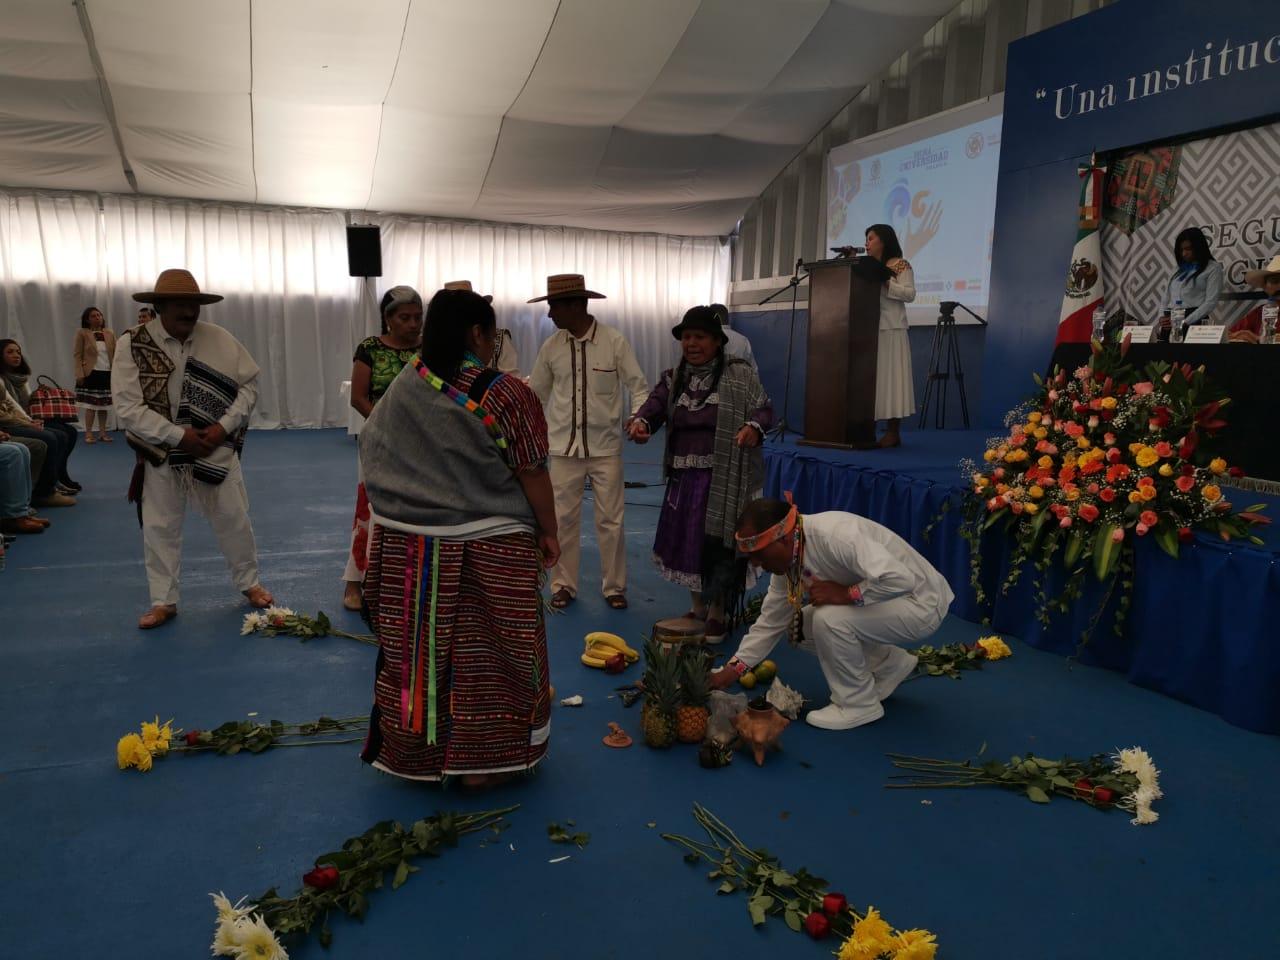 TToluca sede del Encuentro Internacional de Comunidades y Desarrollo de los Pueblos Indígenas